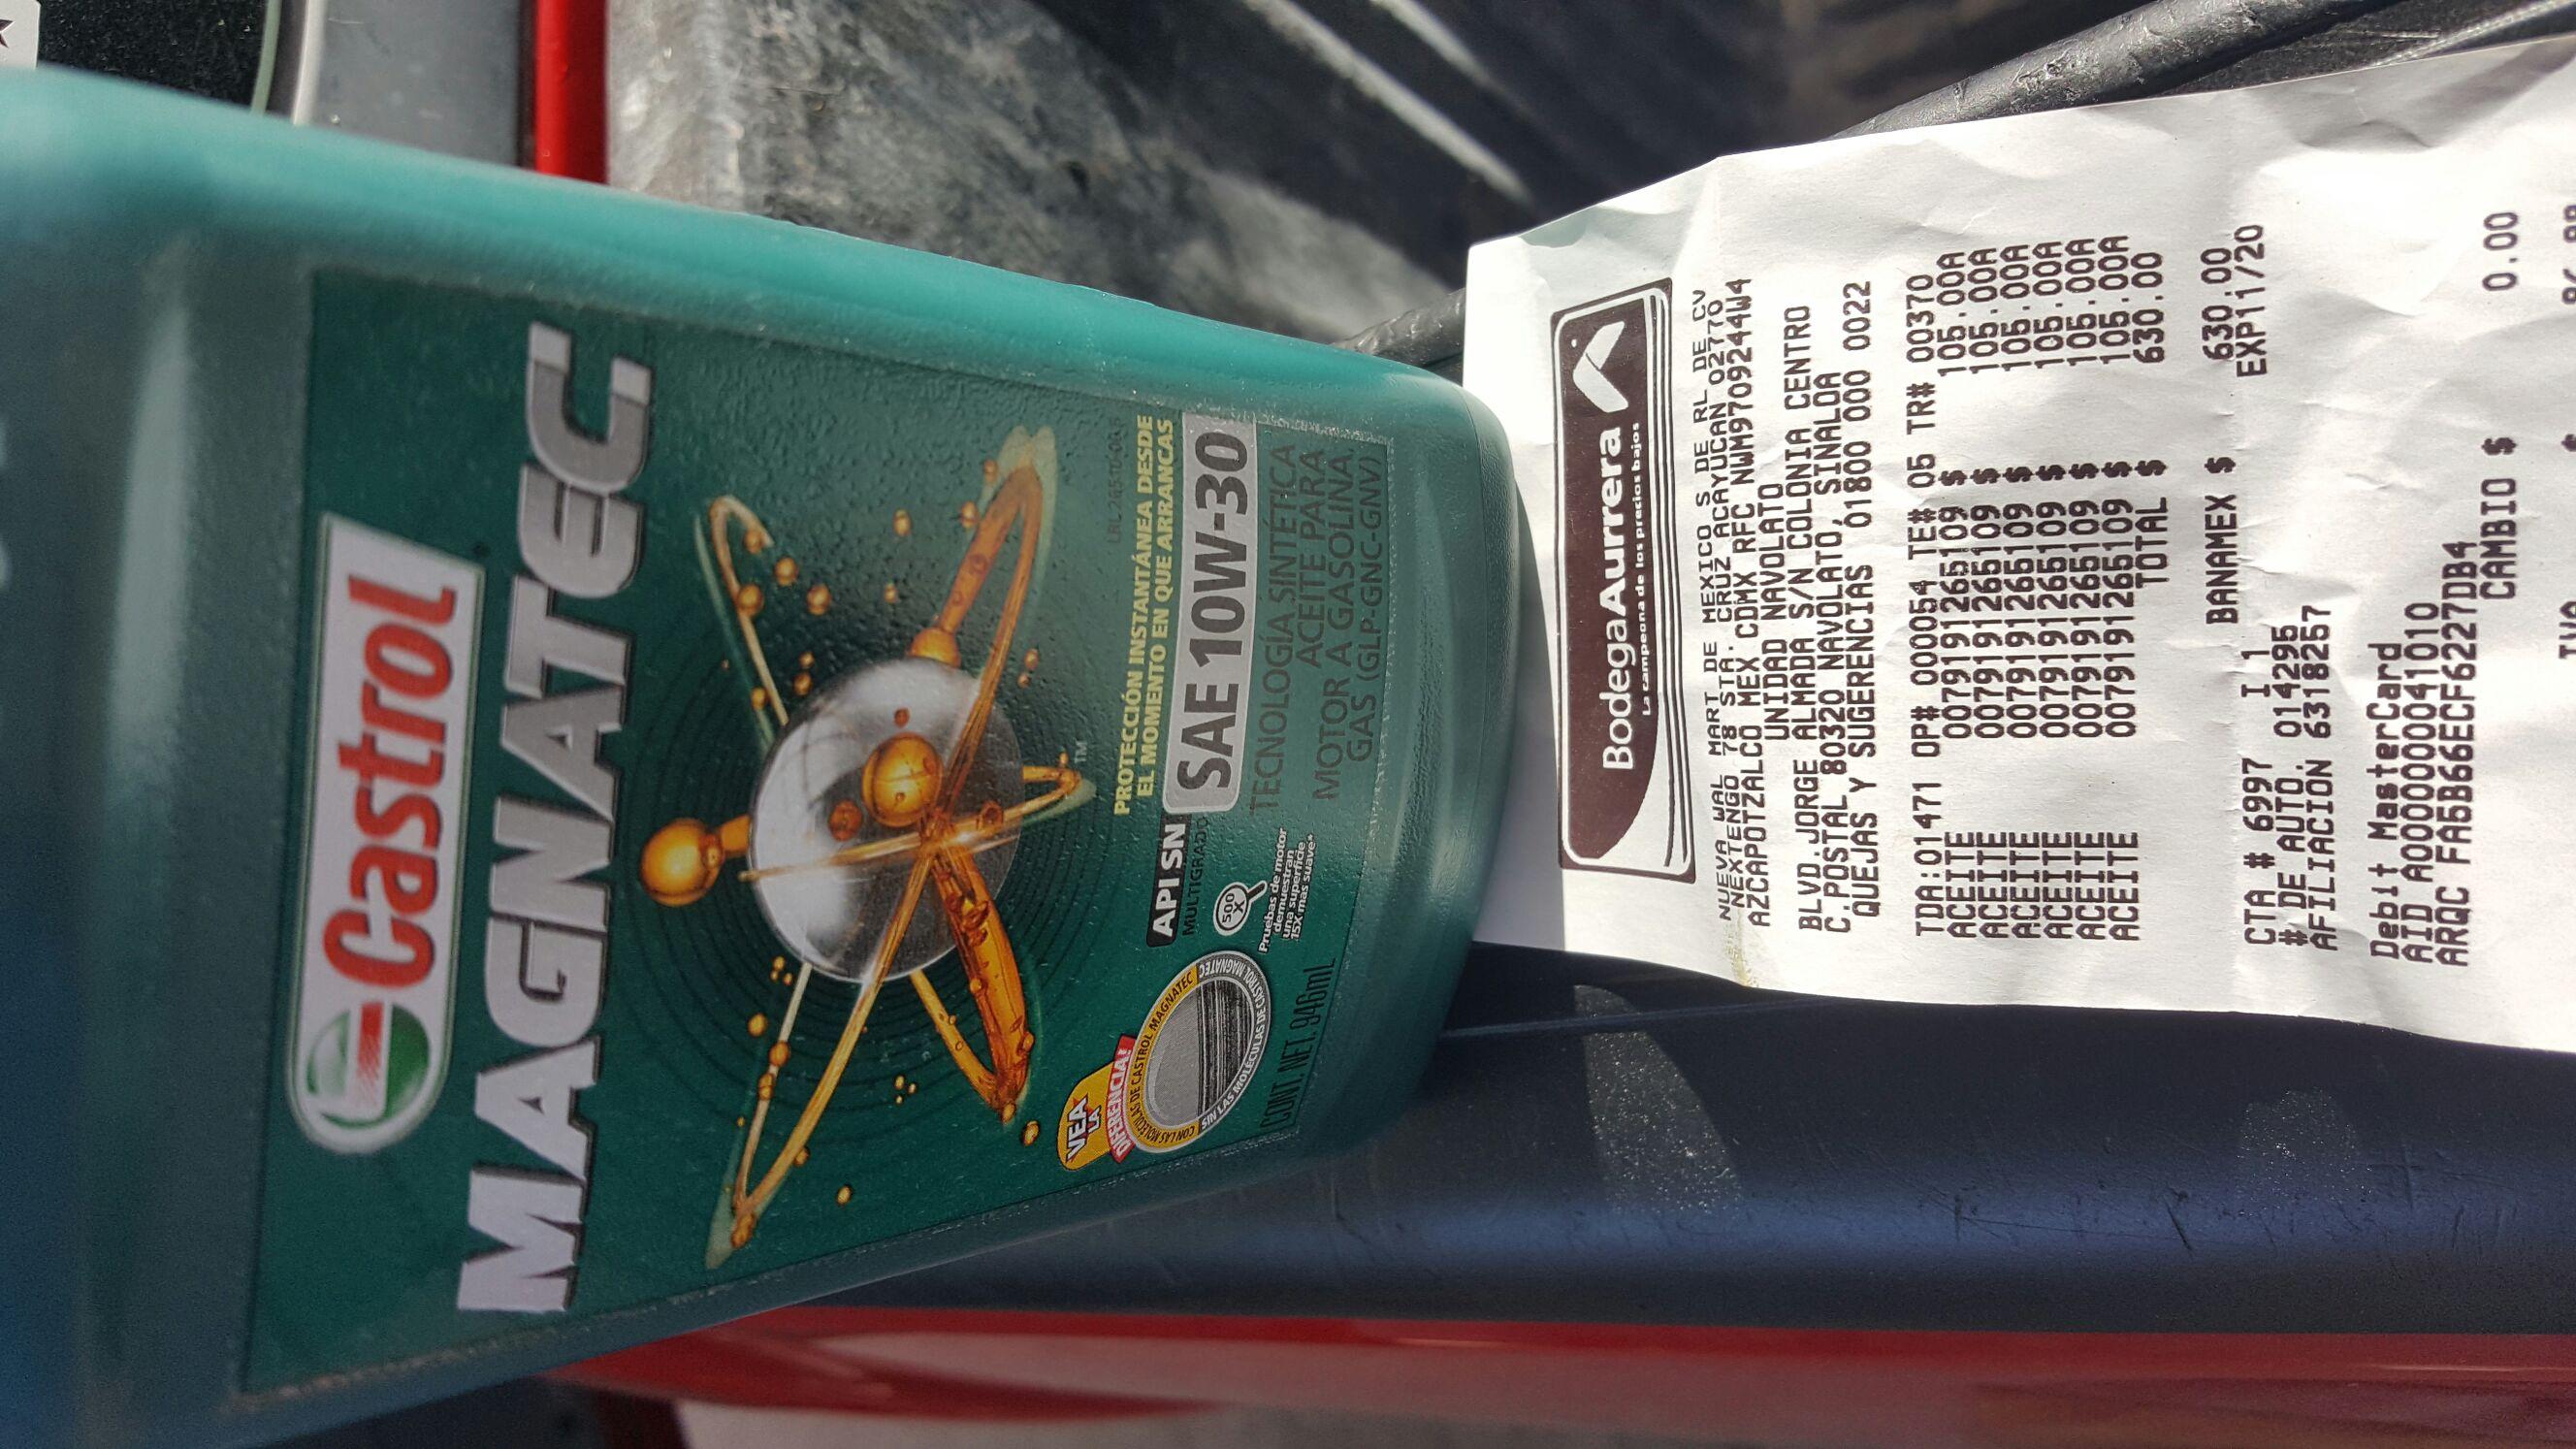 Bodega Aurrerá: Aceite Castrol 10w-30 Sintetico